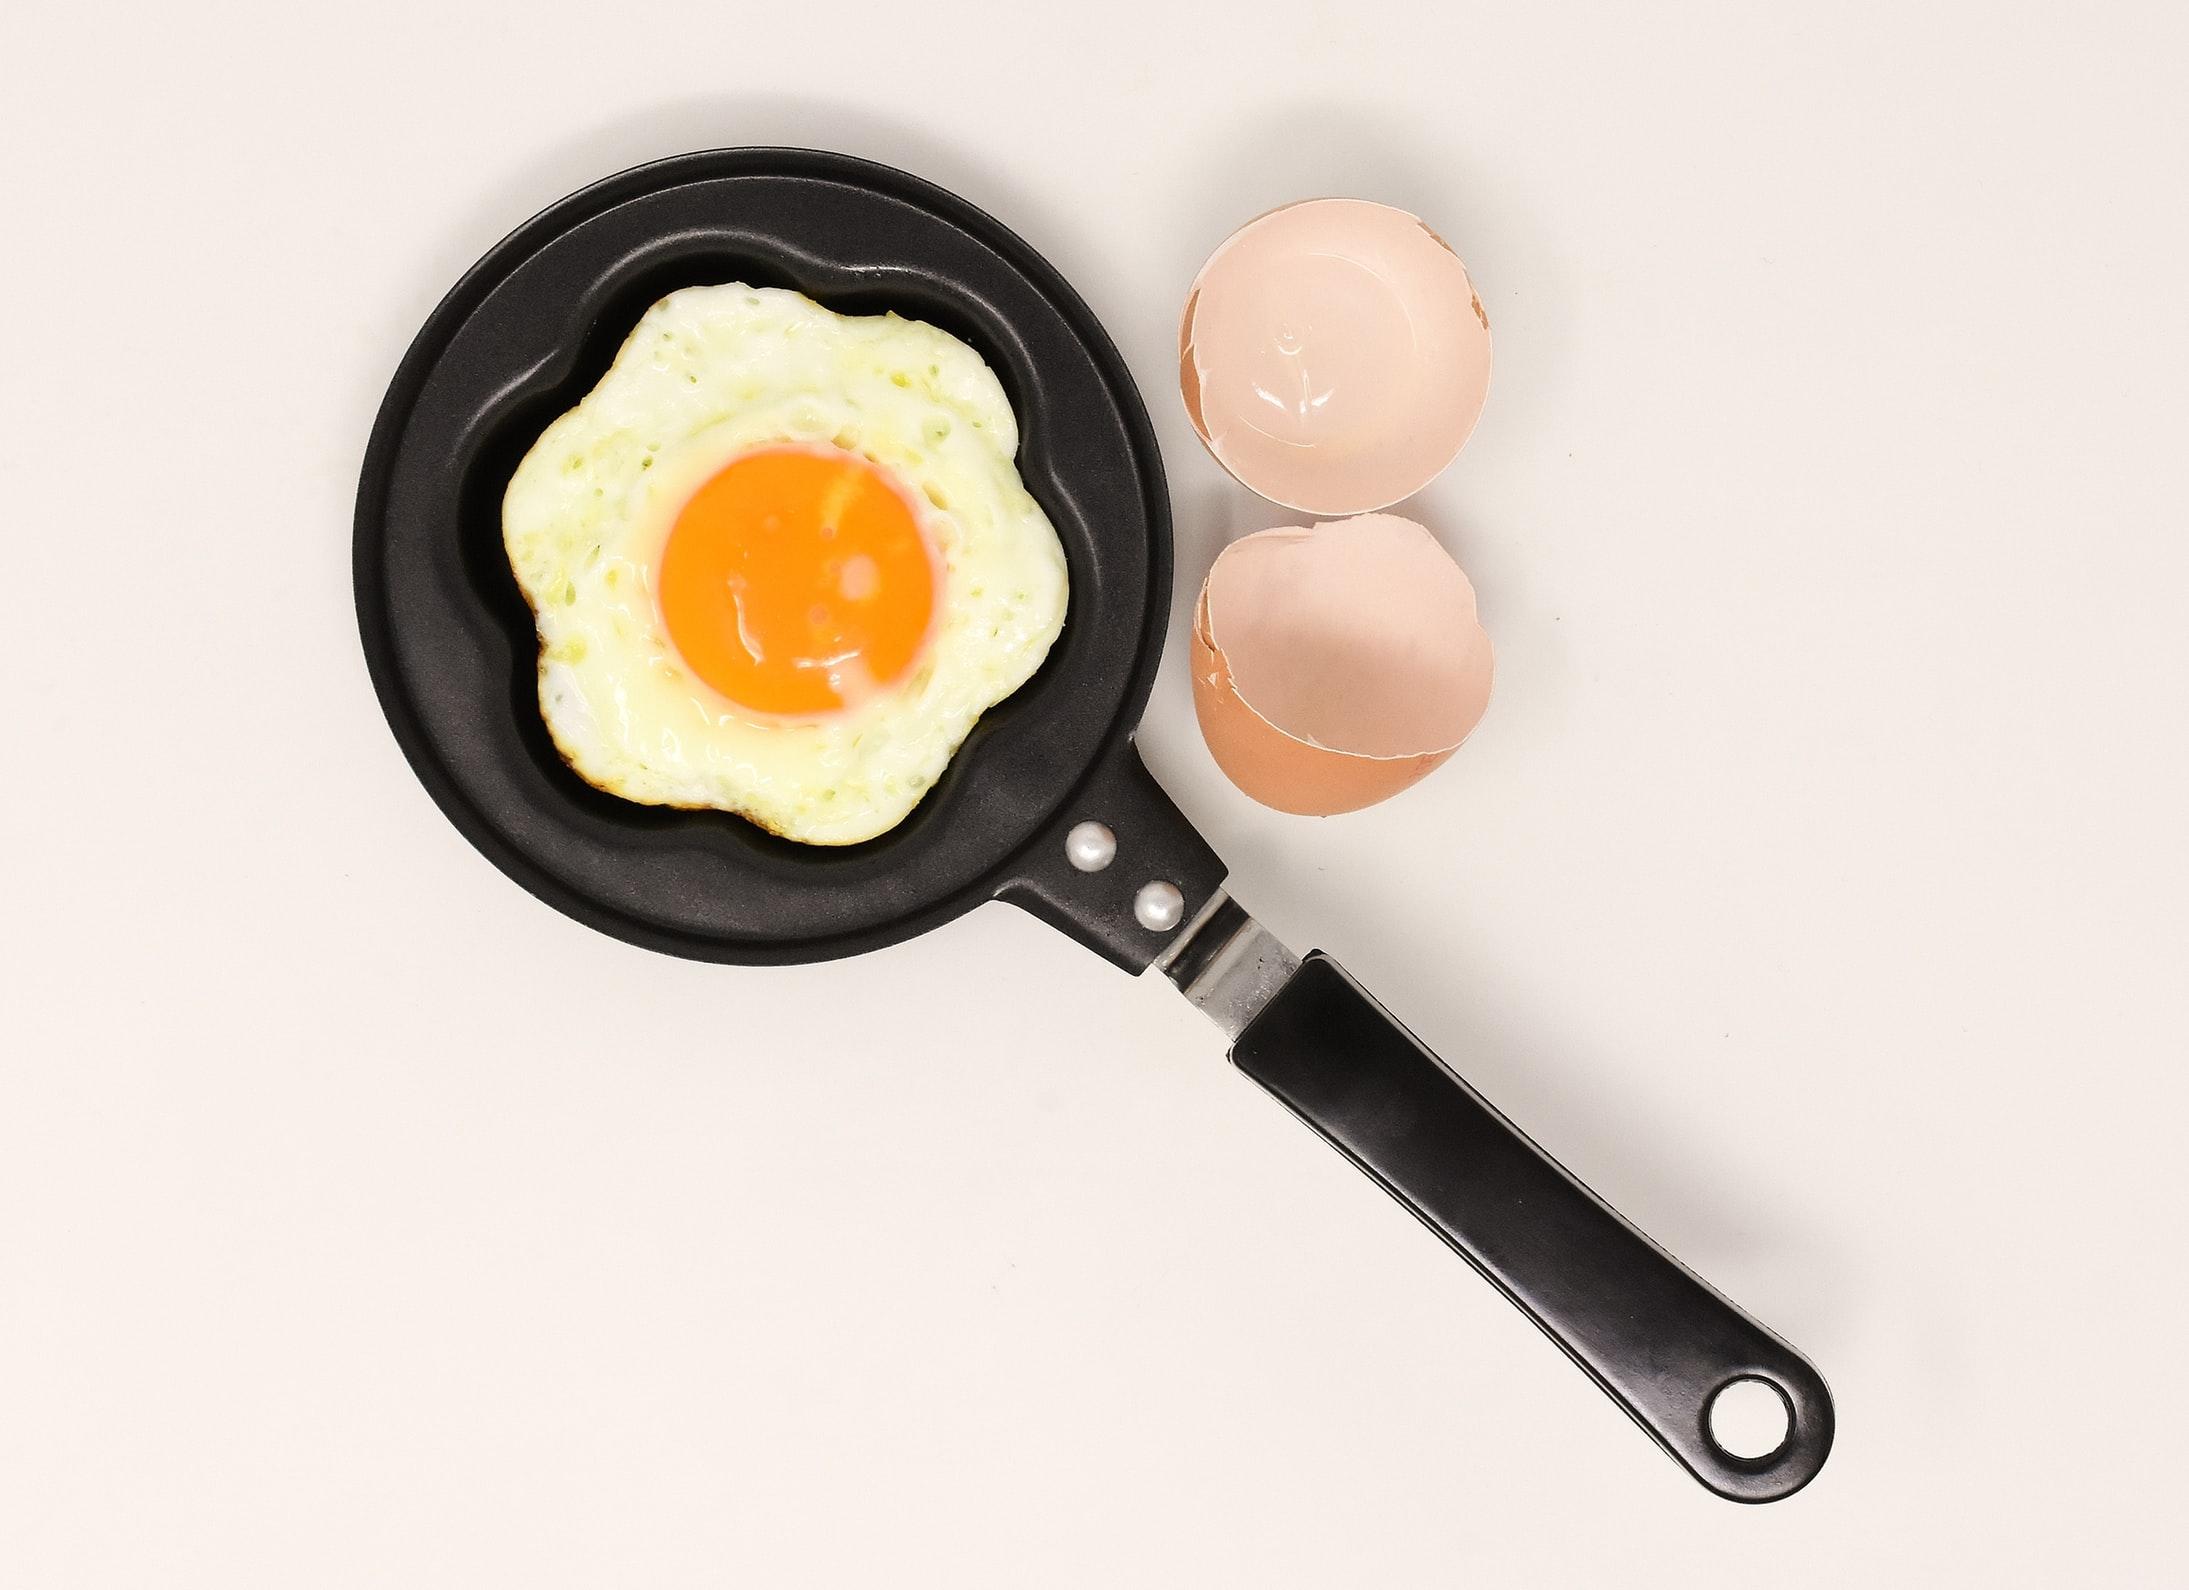 筋トレしてんだけど、プロテインの代わりに卵でもいいよな?